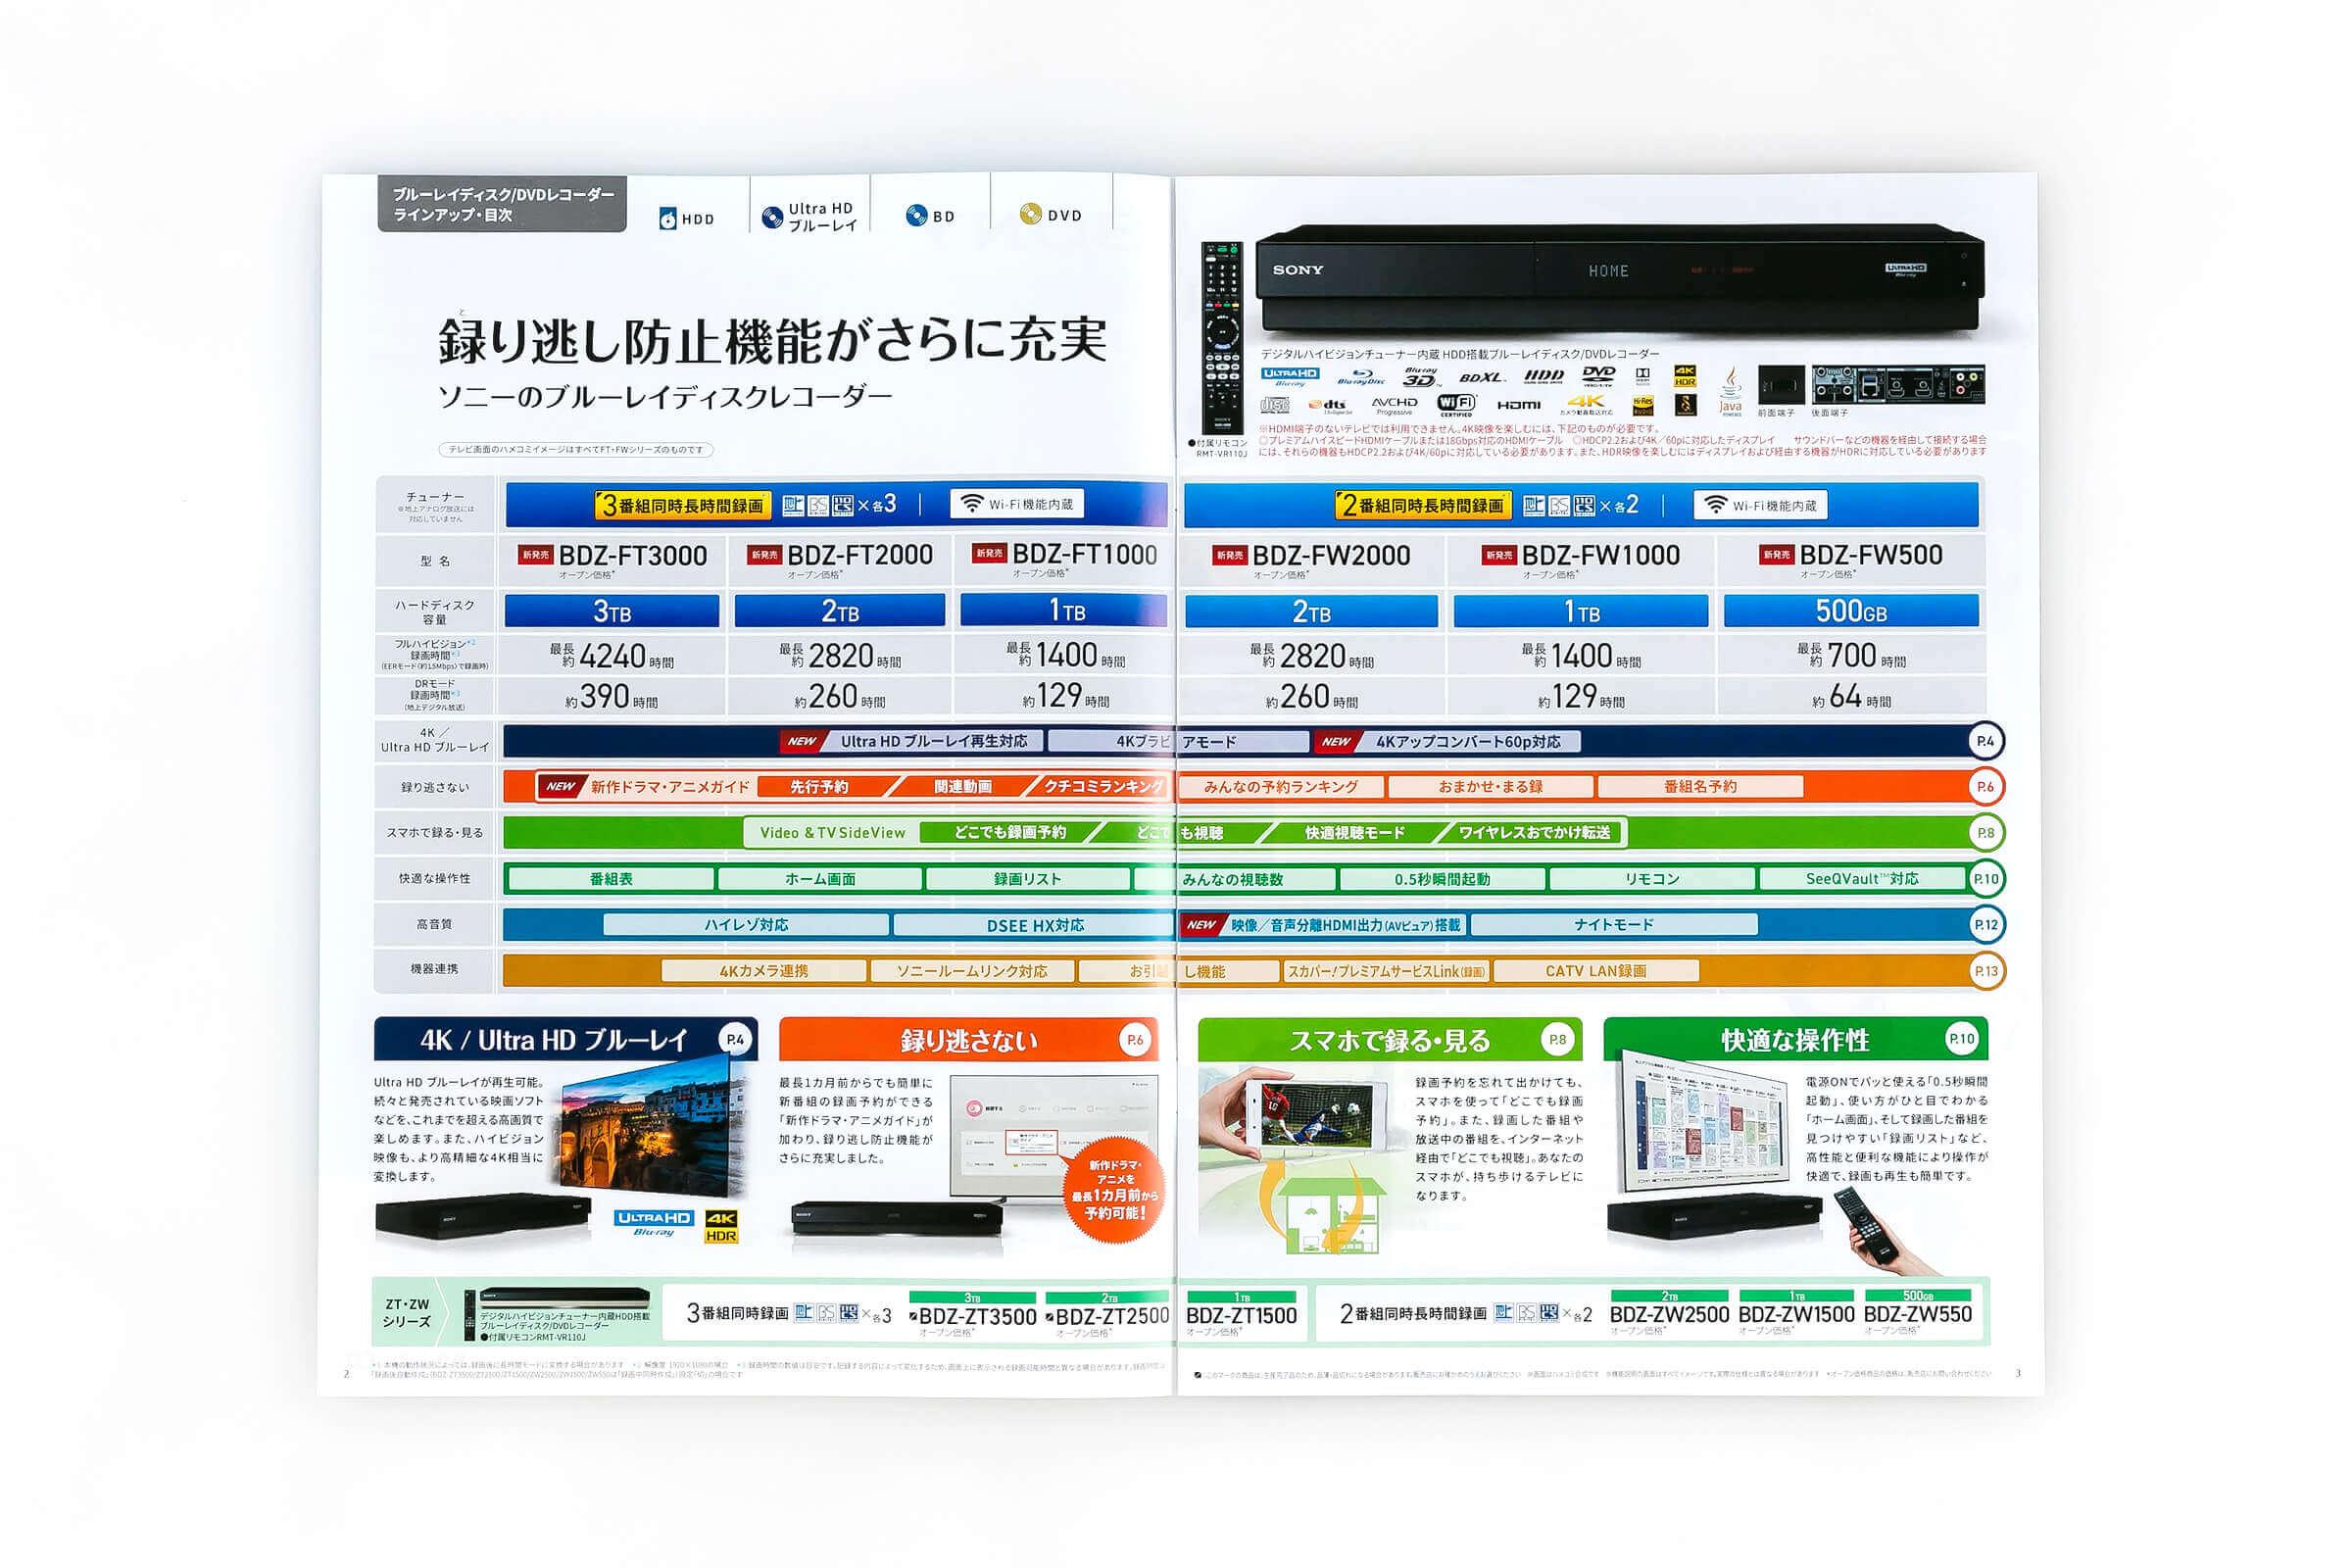 ブルーレイディスク/DVDレコーダー総合パンフレット2018年春号 2-3比較表 目次ページ